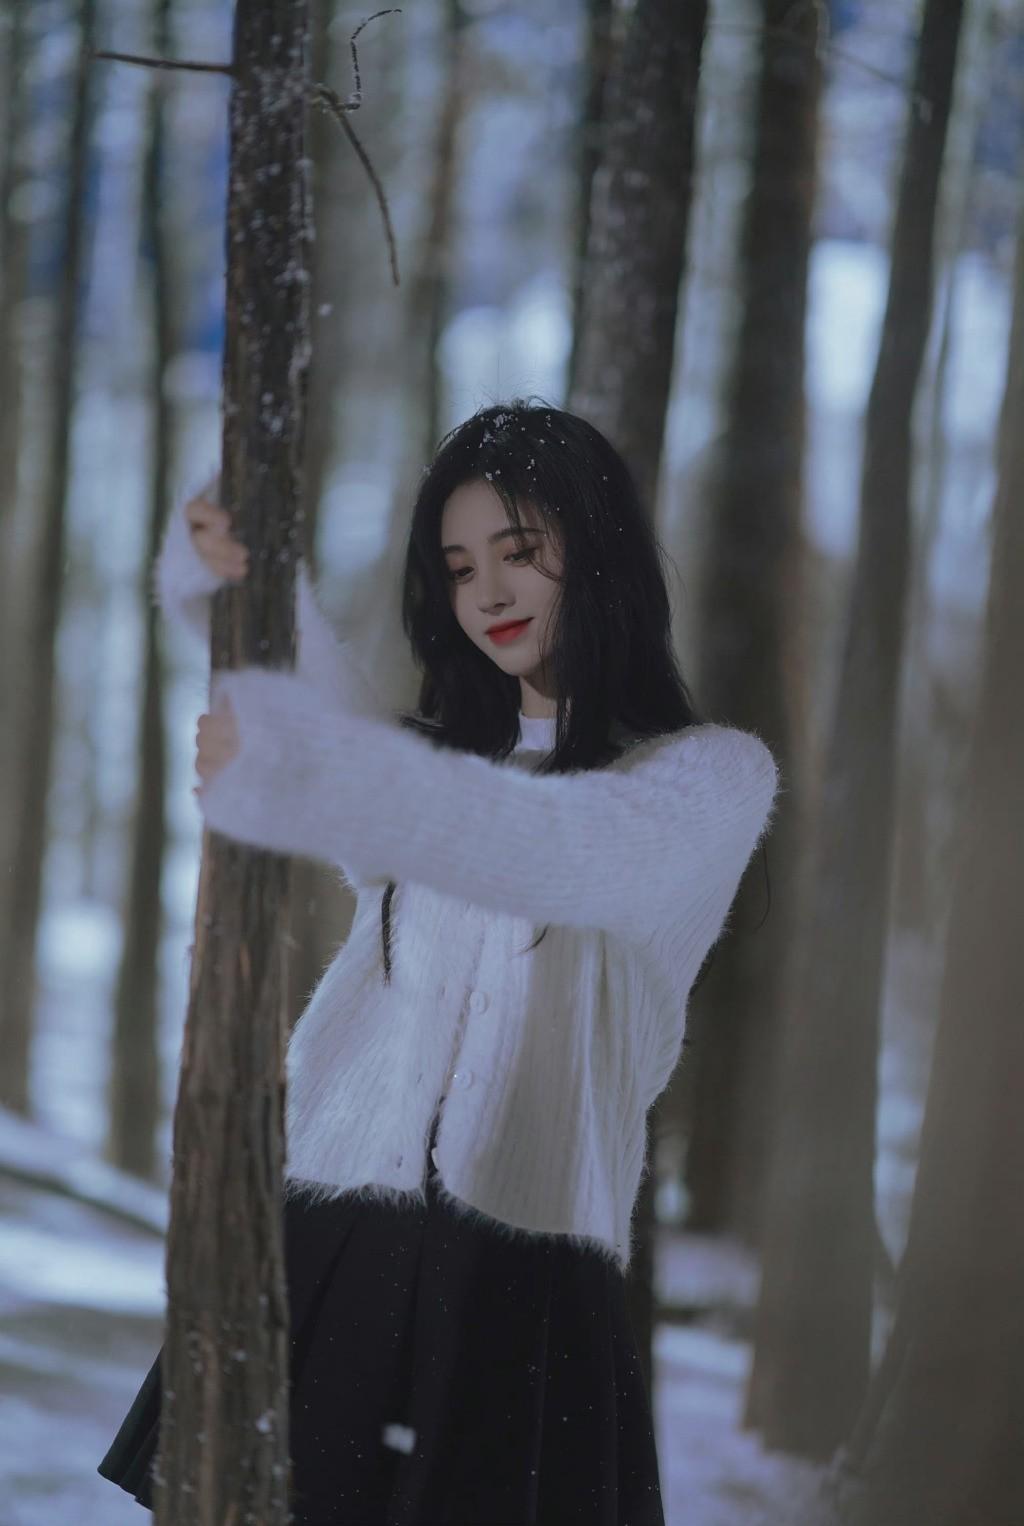 鞠婧祎雪地氛围感写真